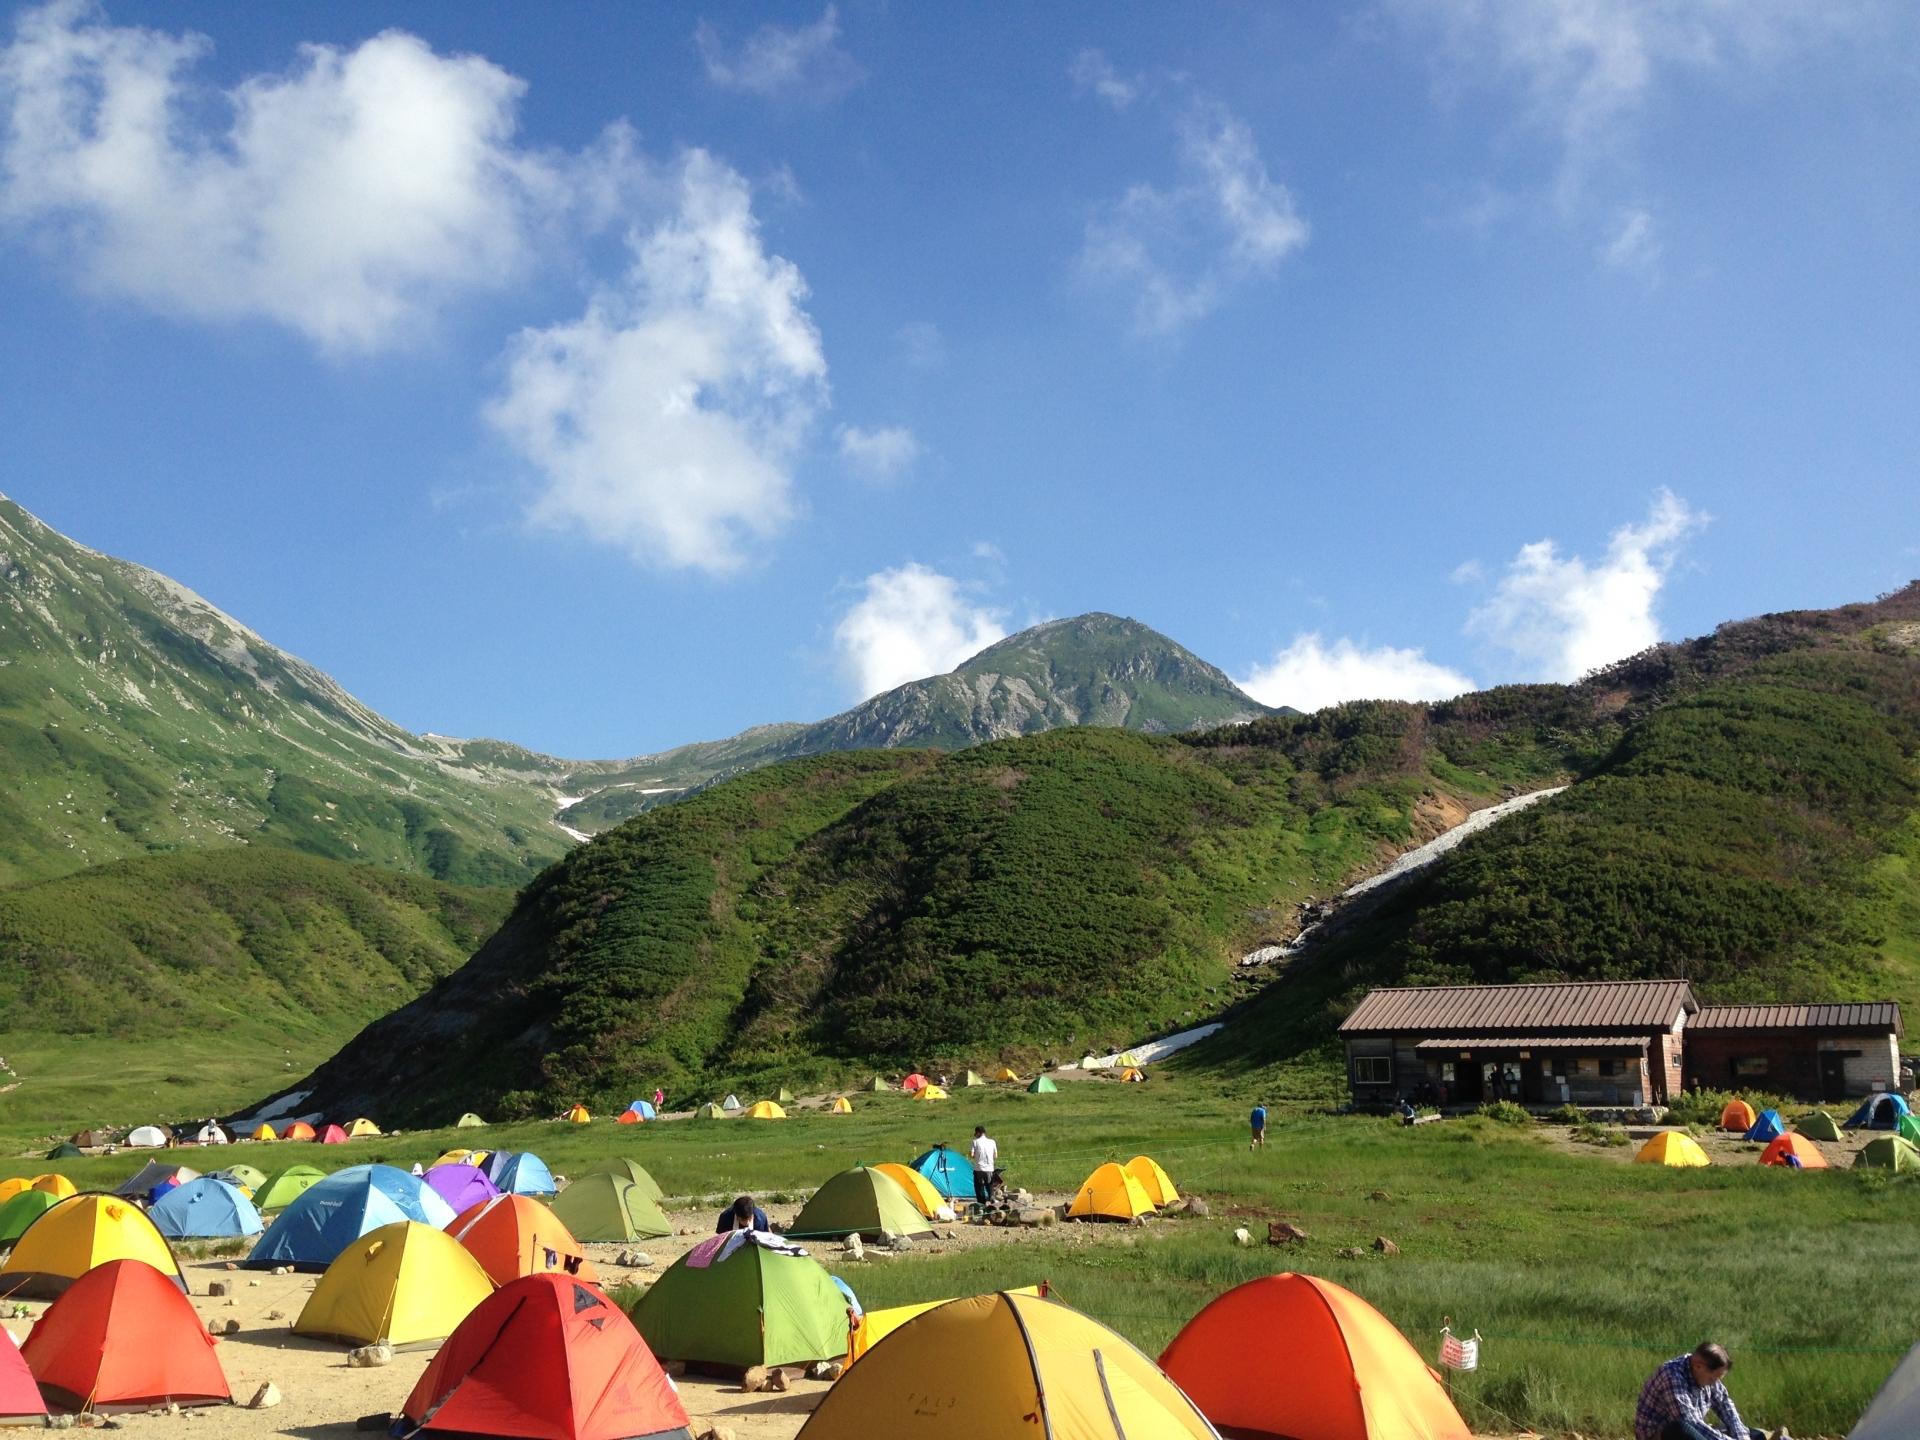 苫小牧アルテンは高規格のキャンプ場!充実の設備周辺施設も紹介!